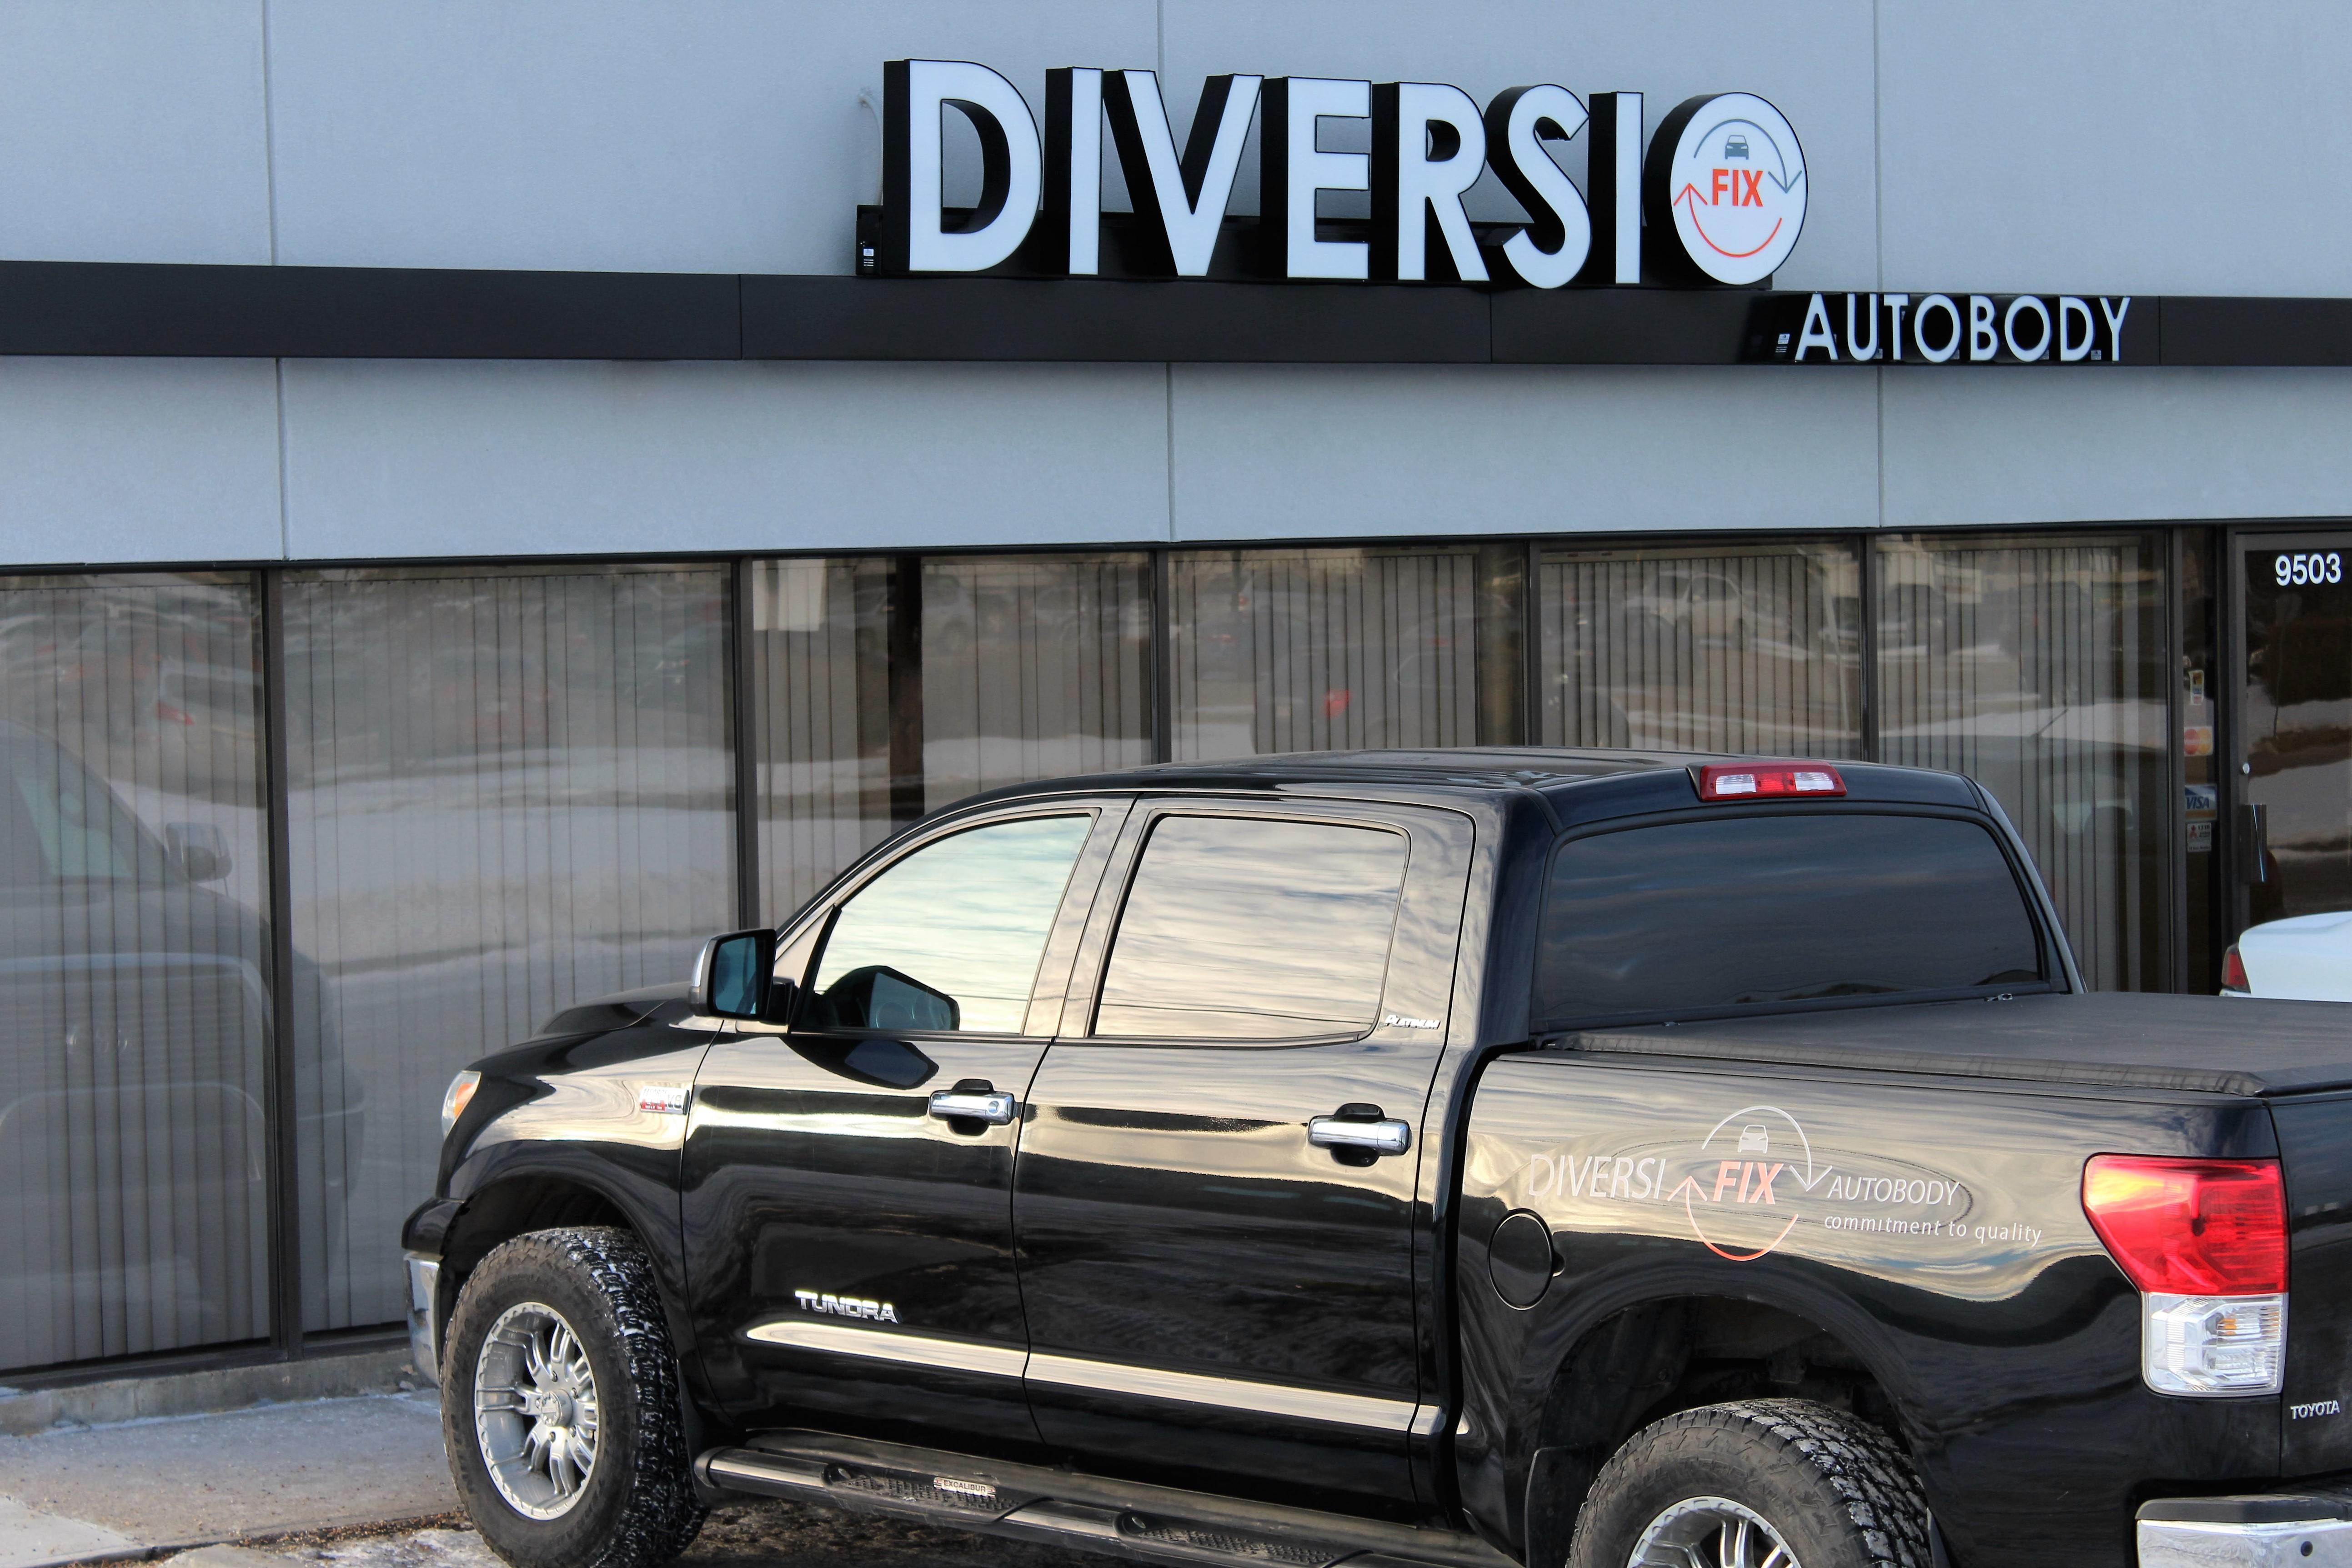 Diversifix Auto Body Inc - Réparation de carrosserie et peinture automobile - 780-433-0044